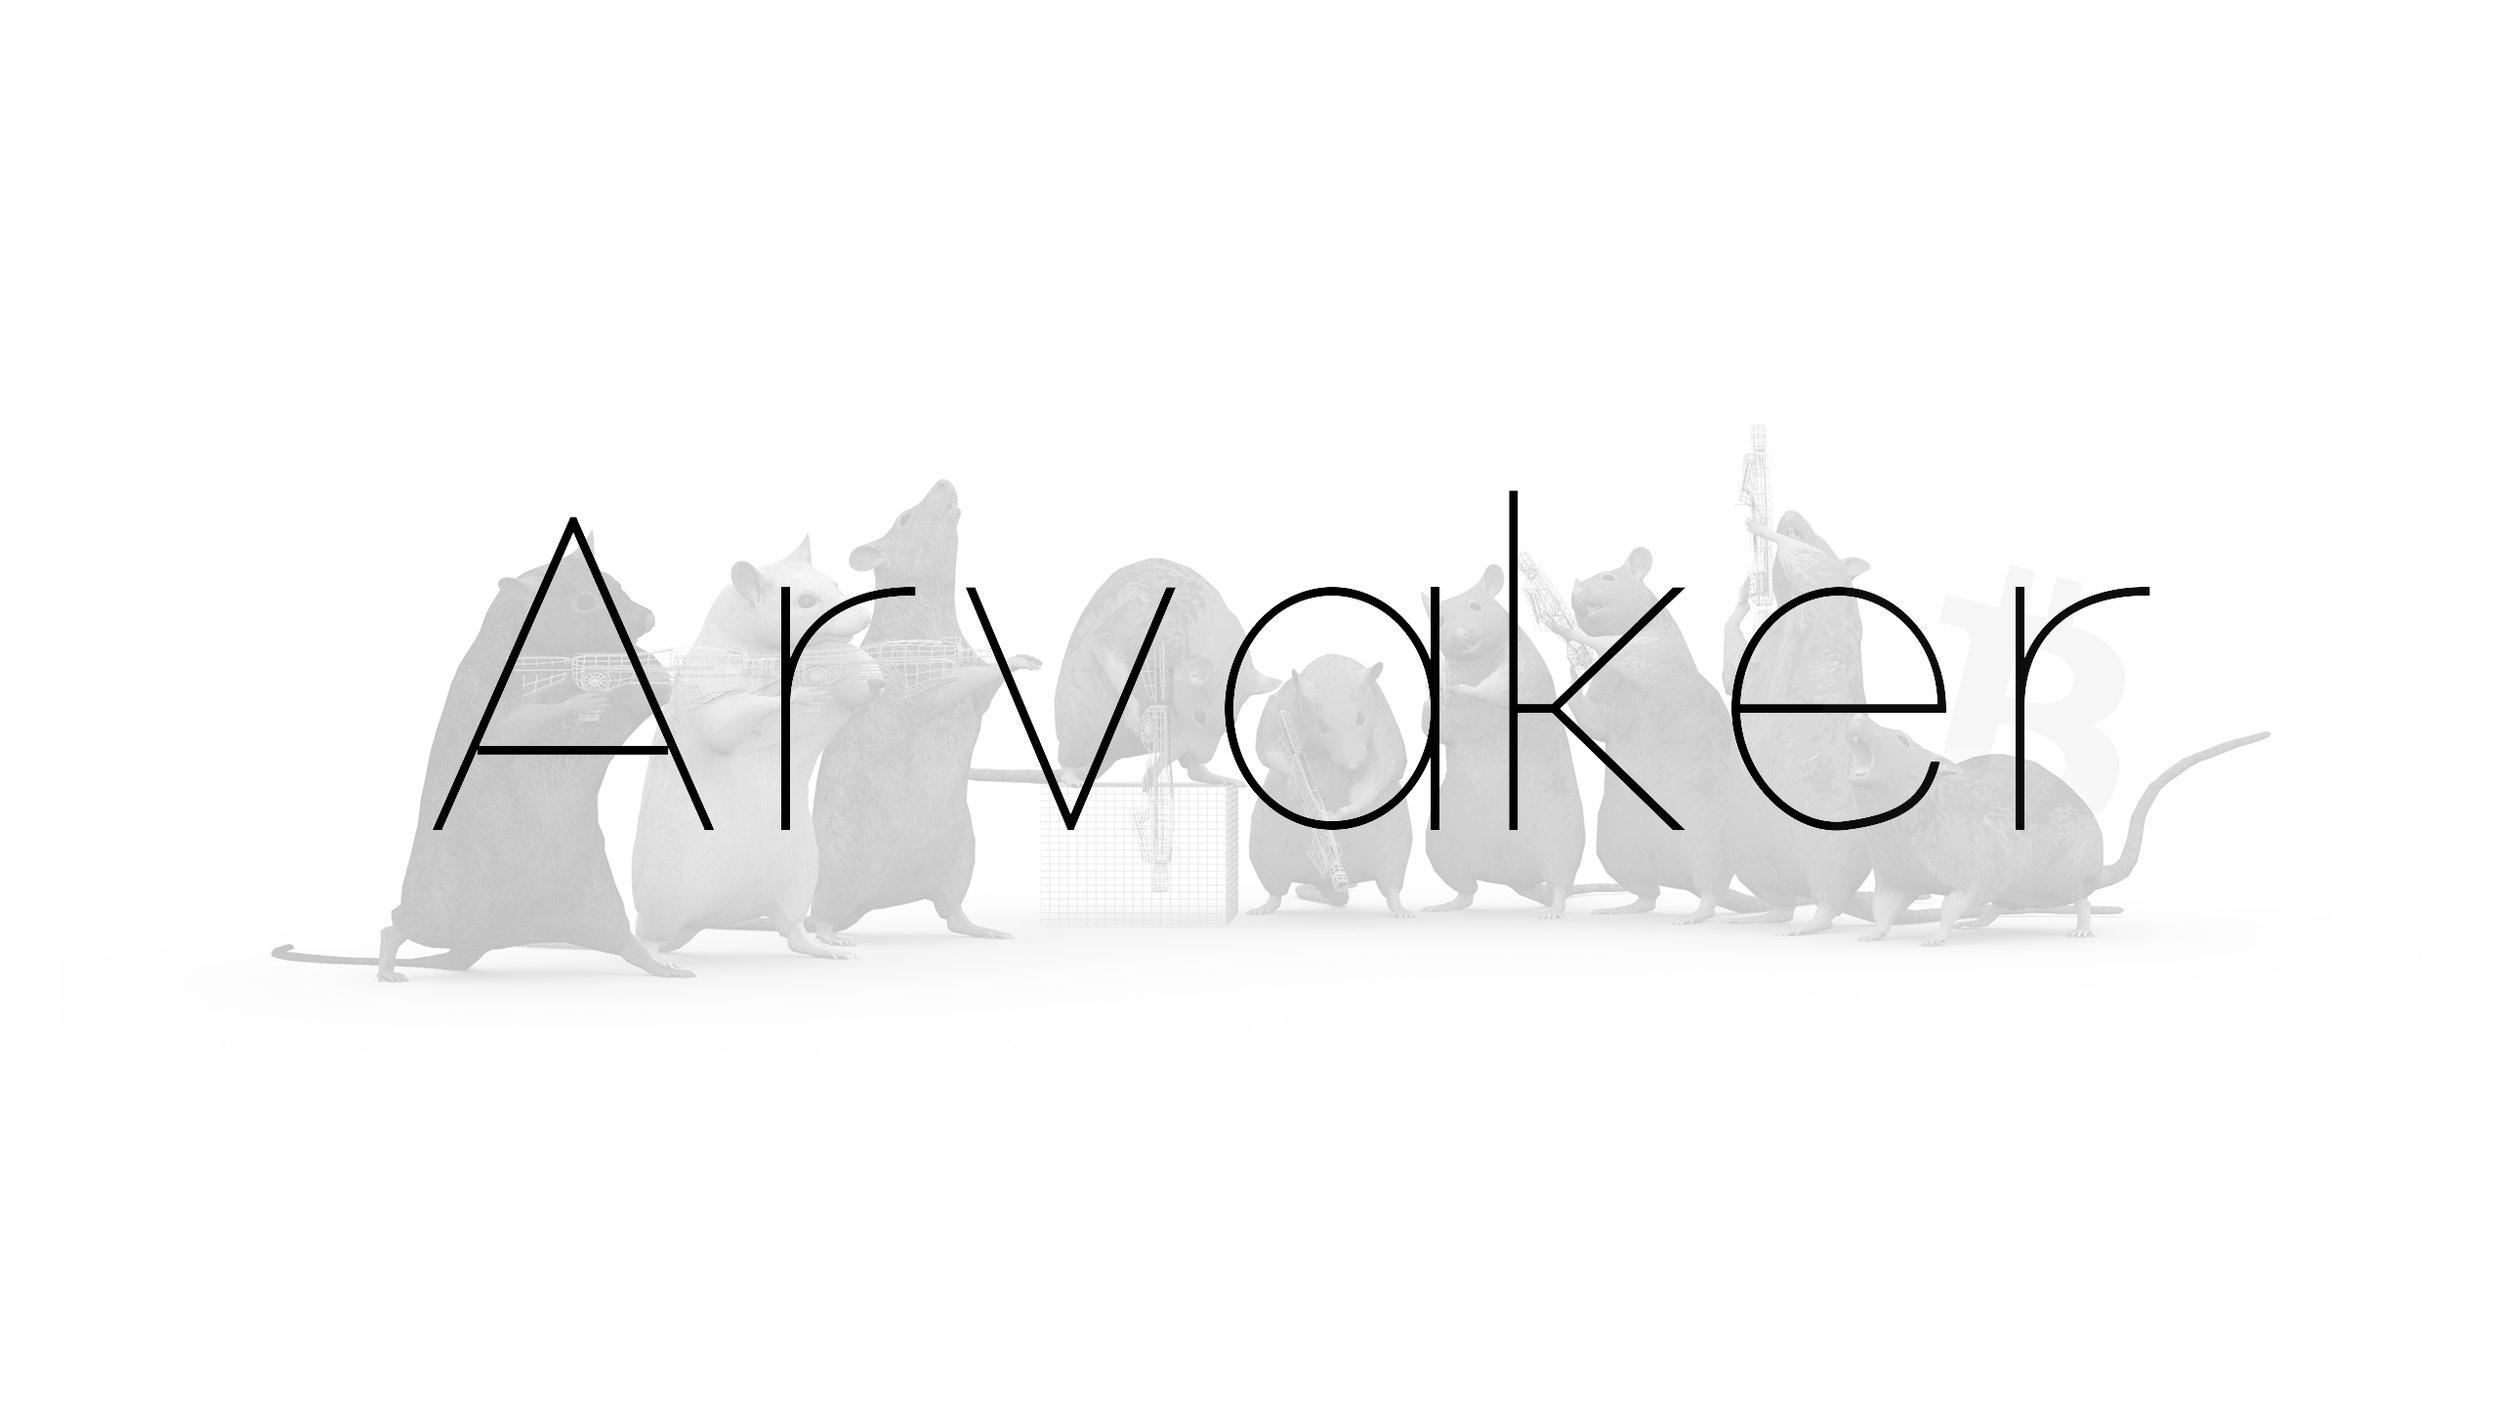 Banner_Arvaker_Mouse.jpg